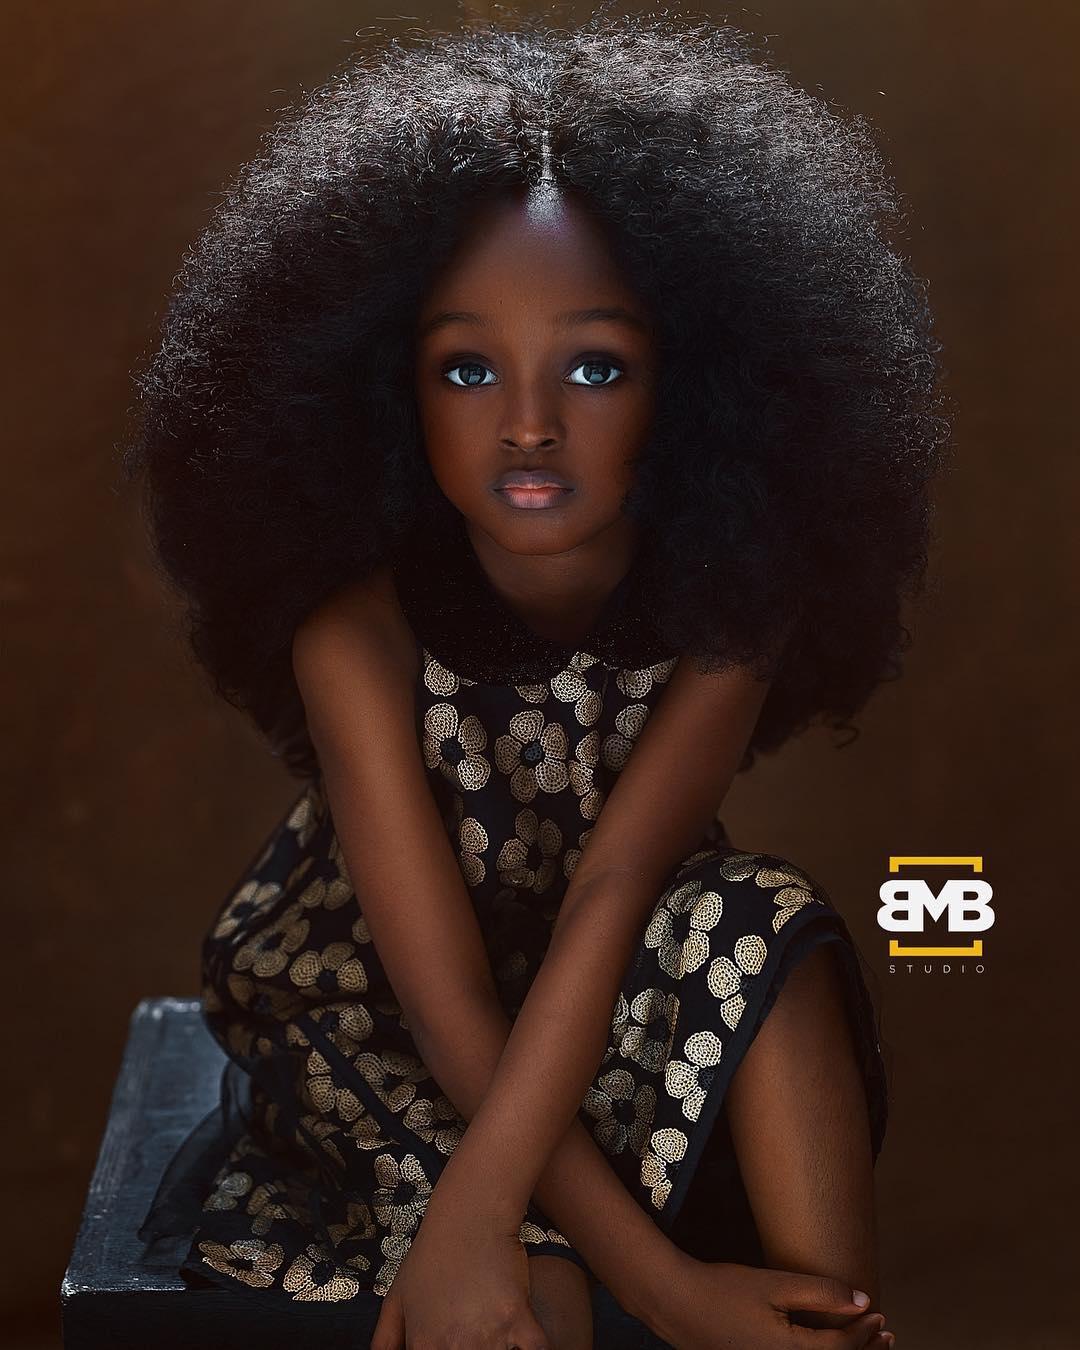 Представляем новую самую красивую девочку в мире – пятилетняя малышка из Нигерии мила, как ангелочек